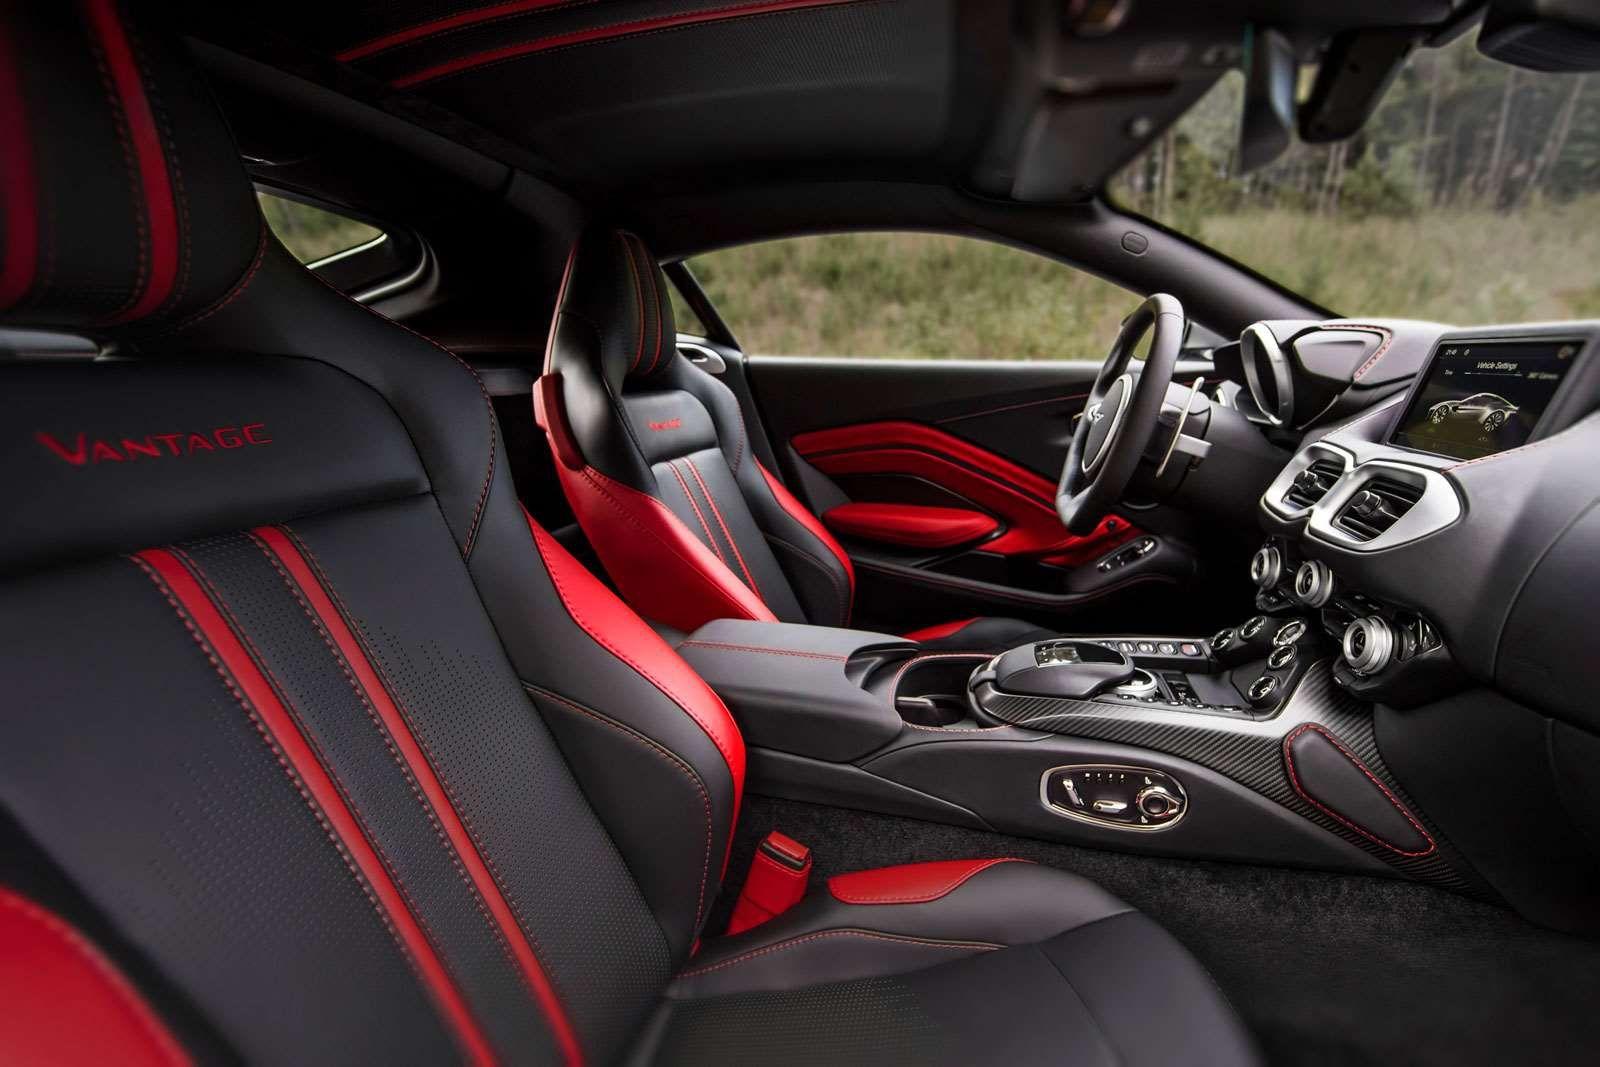 2018 Aston Martin Vantage Interior Aston Martin Vanquish Aston Martin Vantage New Aston Martin